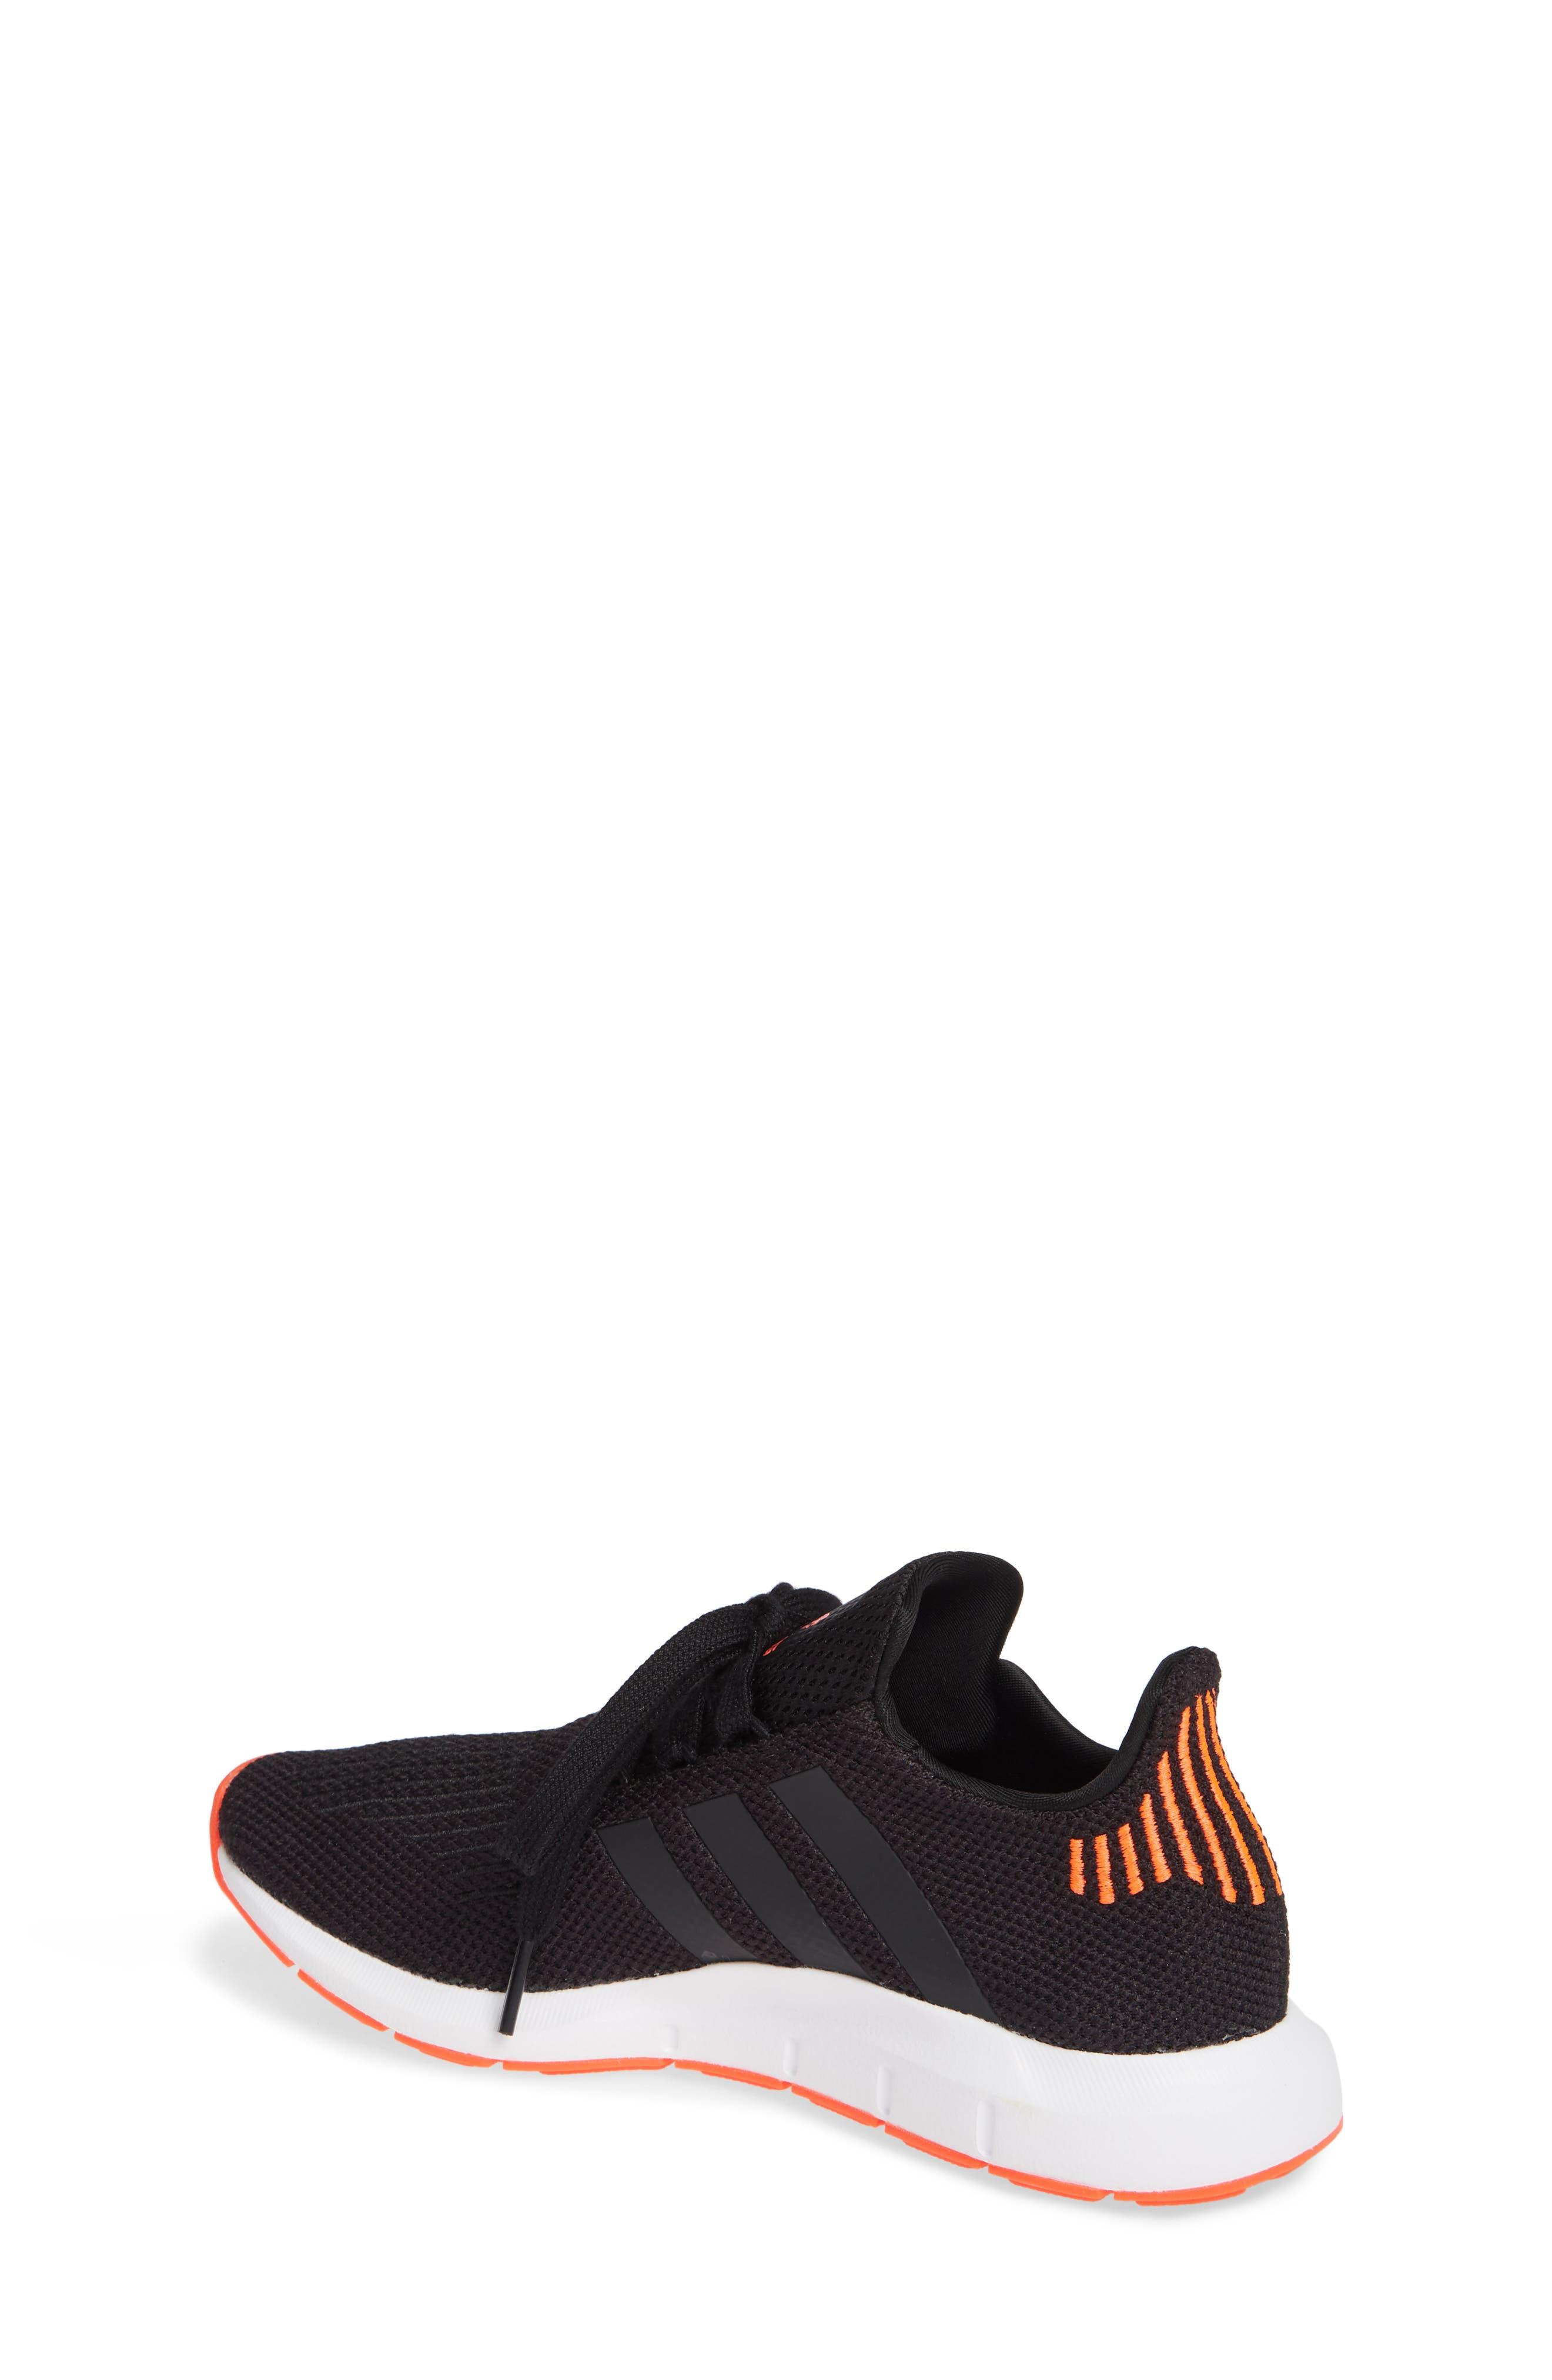 Swift Run J Sneaker,                             Alternate thumbnail 2, color,                             BLACK/ BLACK/ SOLAR RED